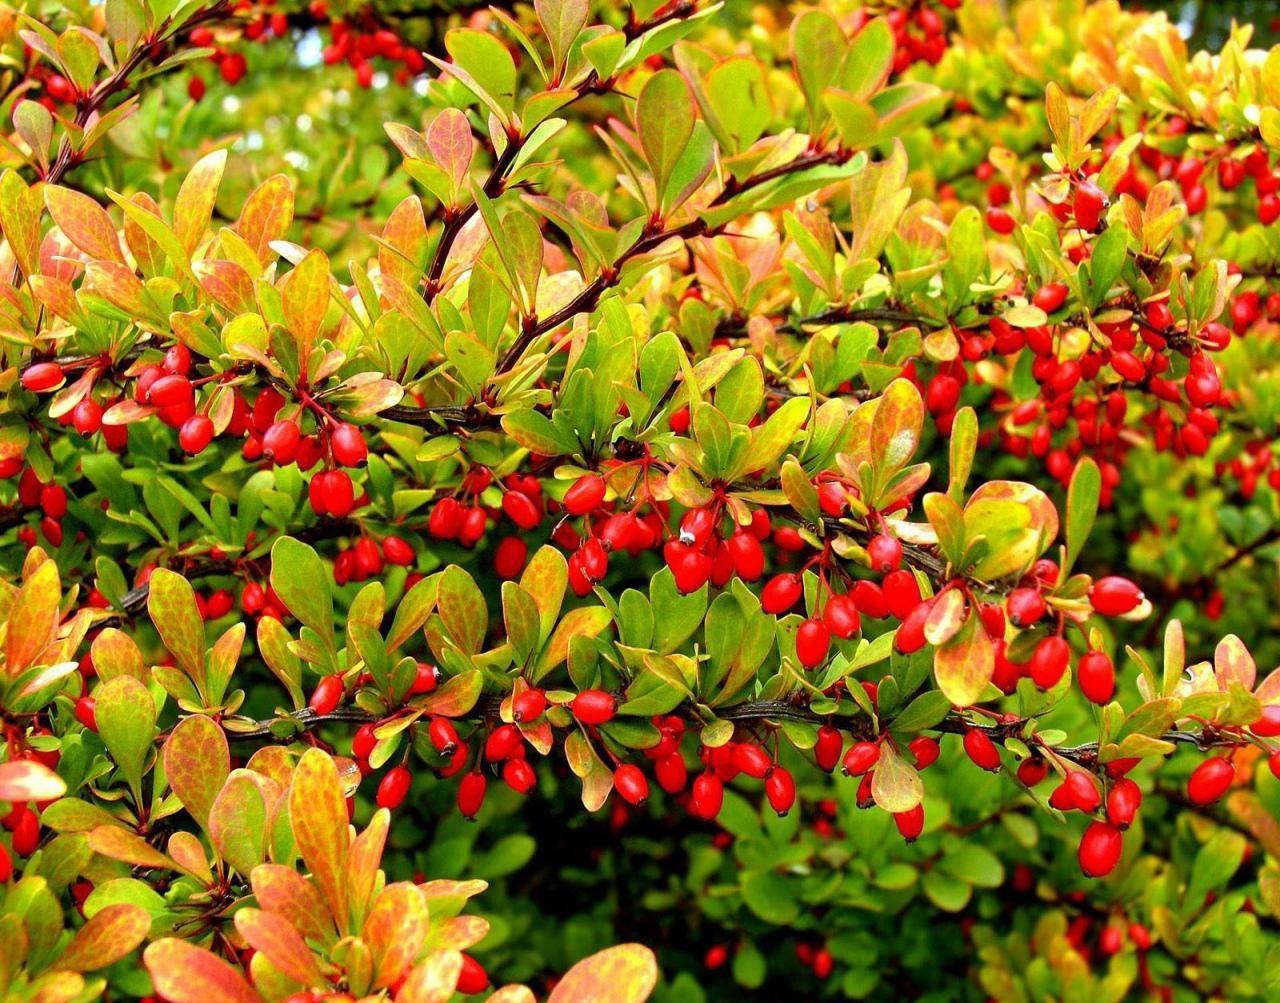 барбарис невысокие кустарники для зеленой изгороди